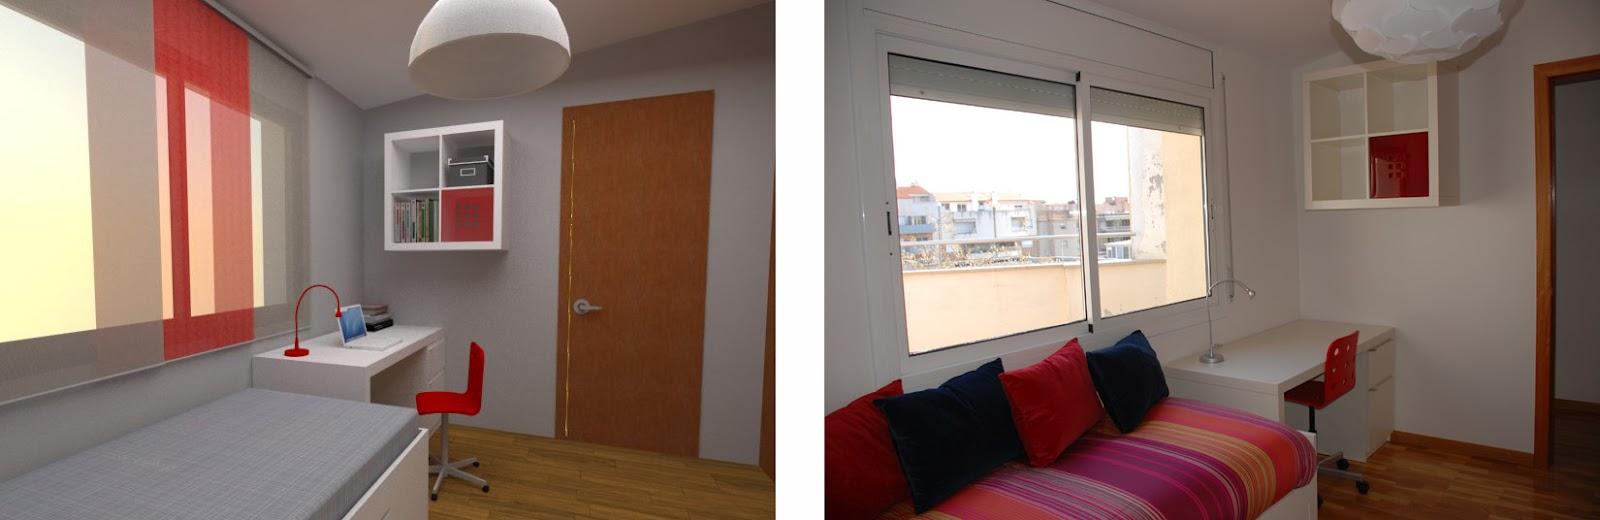 Estudio de arquitectura emearq as qued nuestro dise o - Cortinas ikea habitacion ...